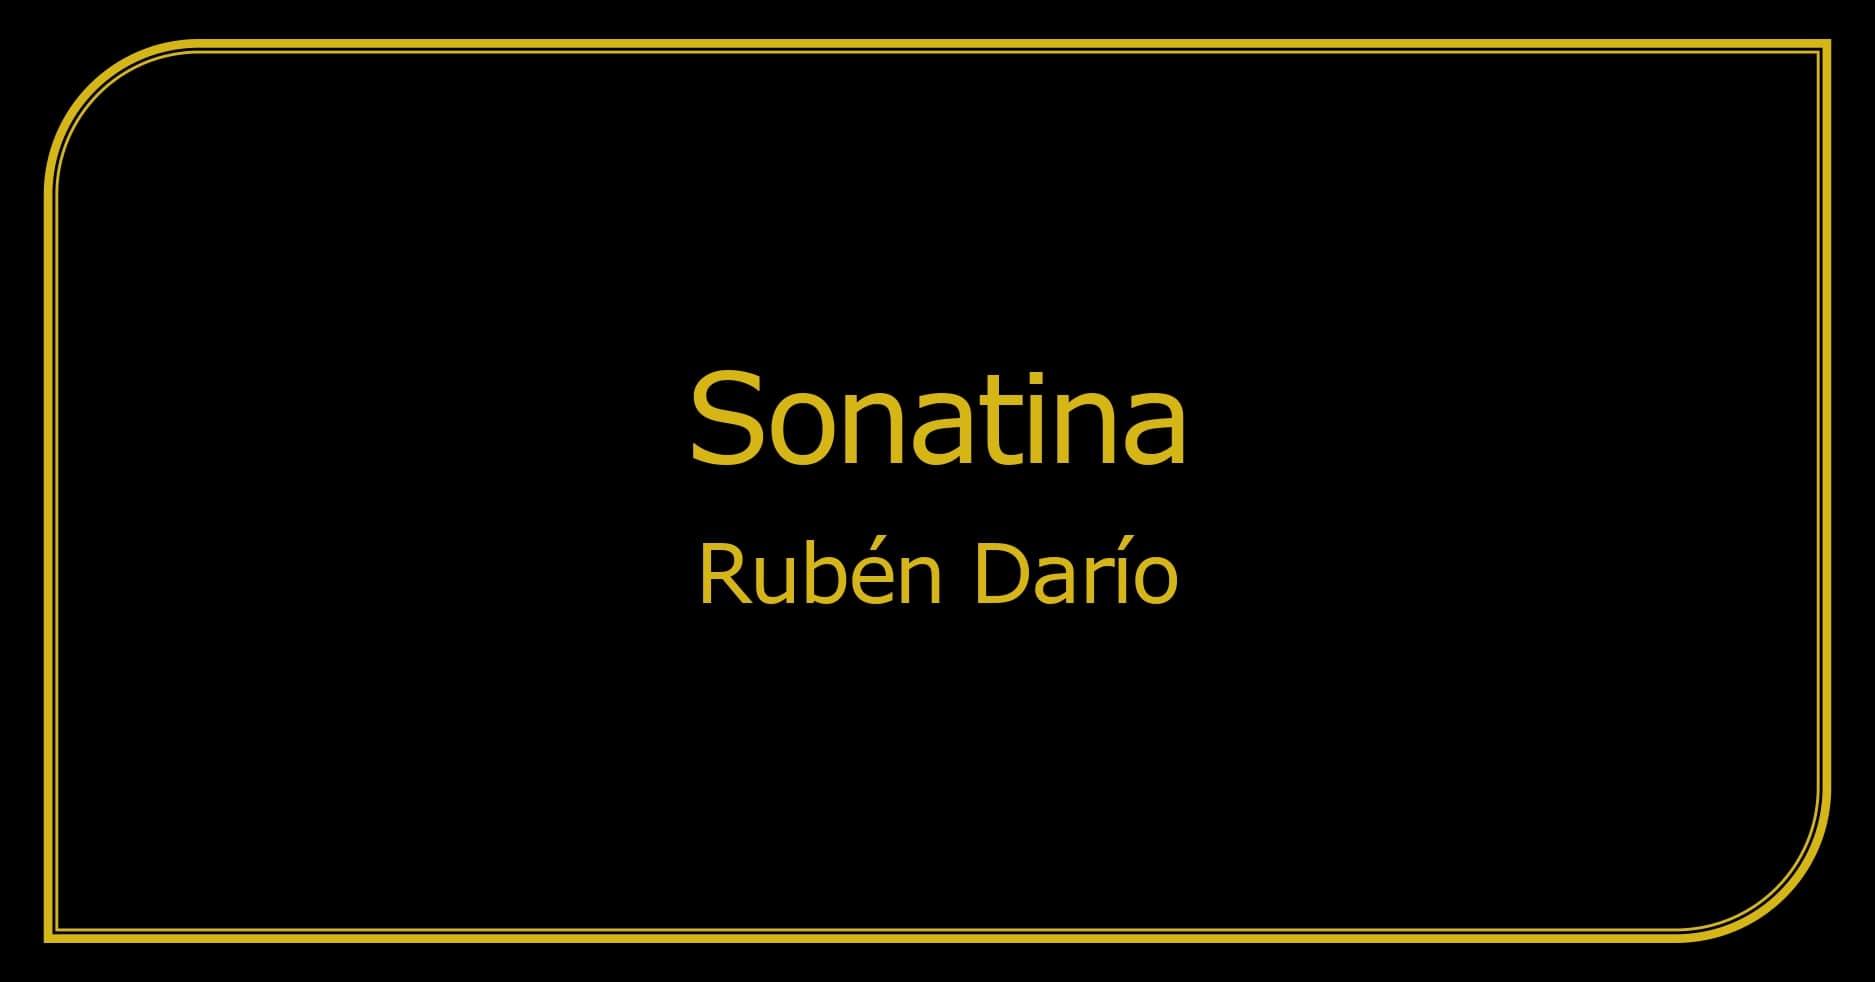 Imagen Sonatina Ruben Dario